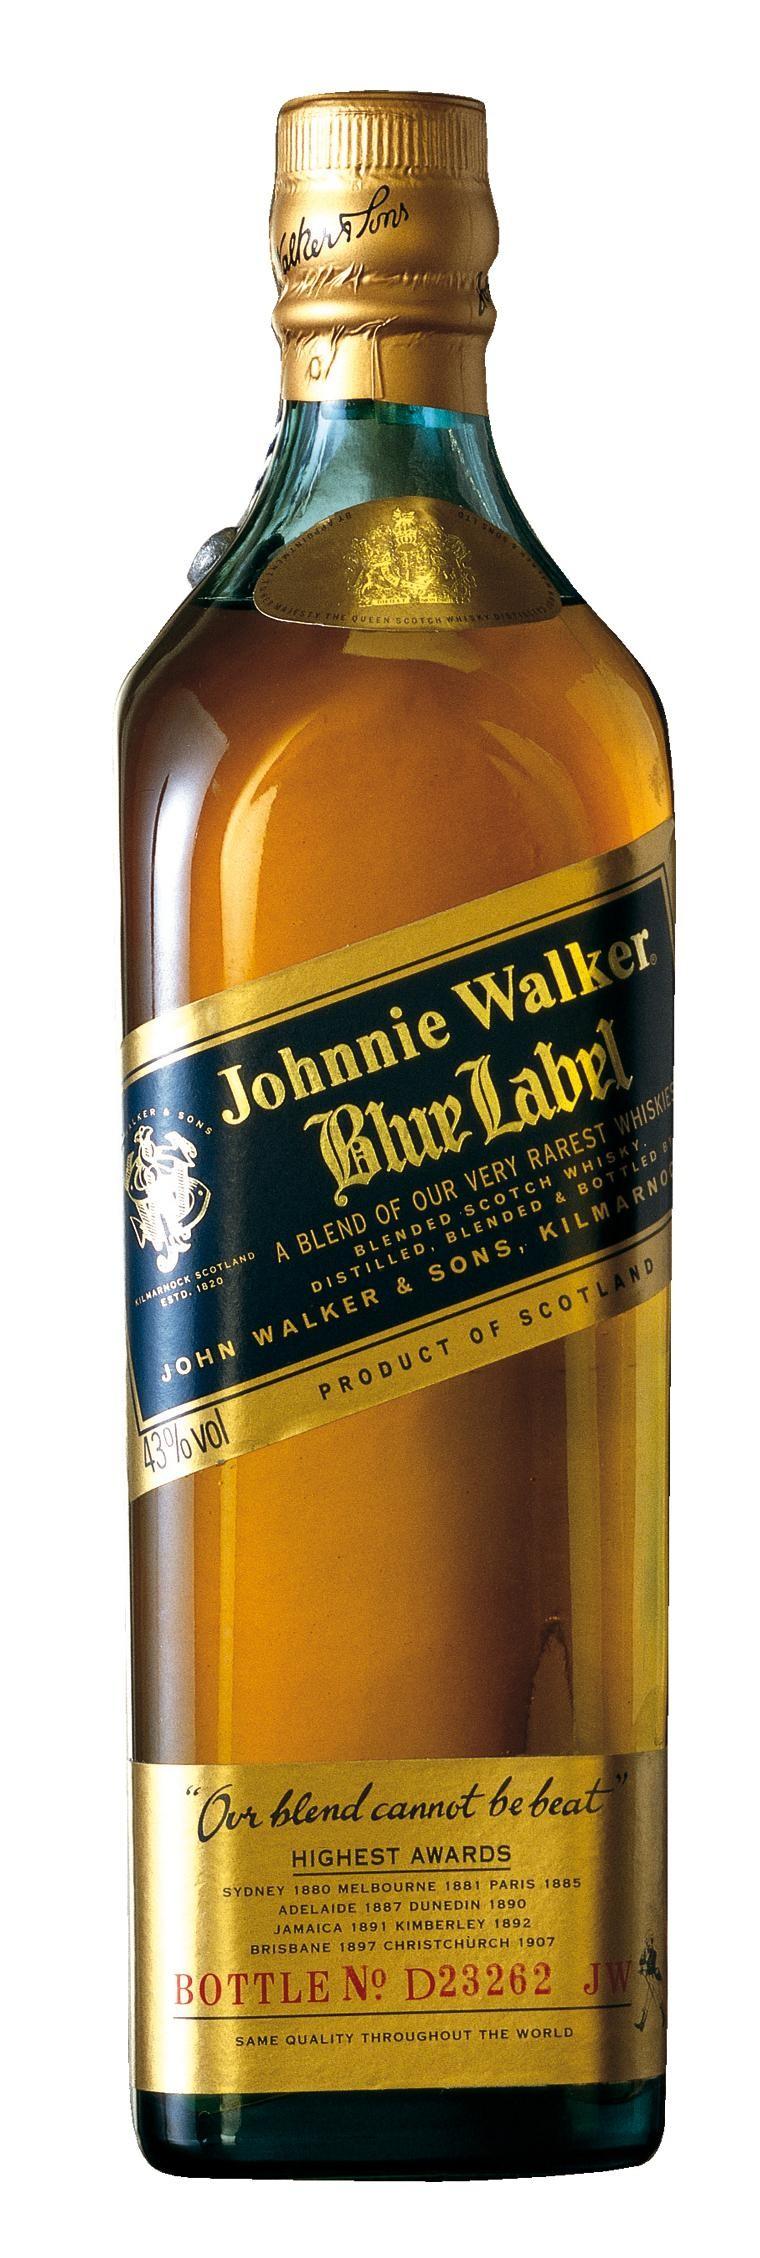 Johnnie Walker Blue Label 70cl 43% Blended Scotch Whisky